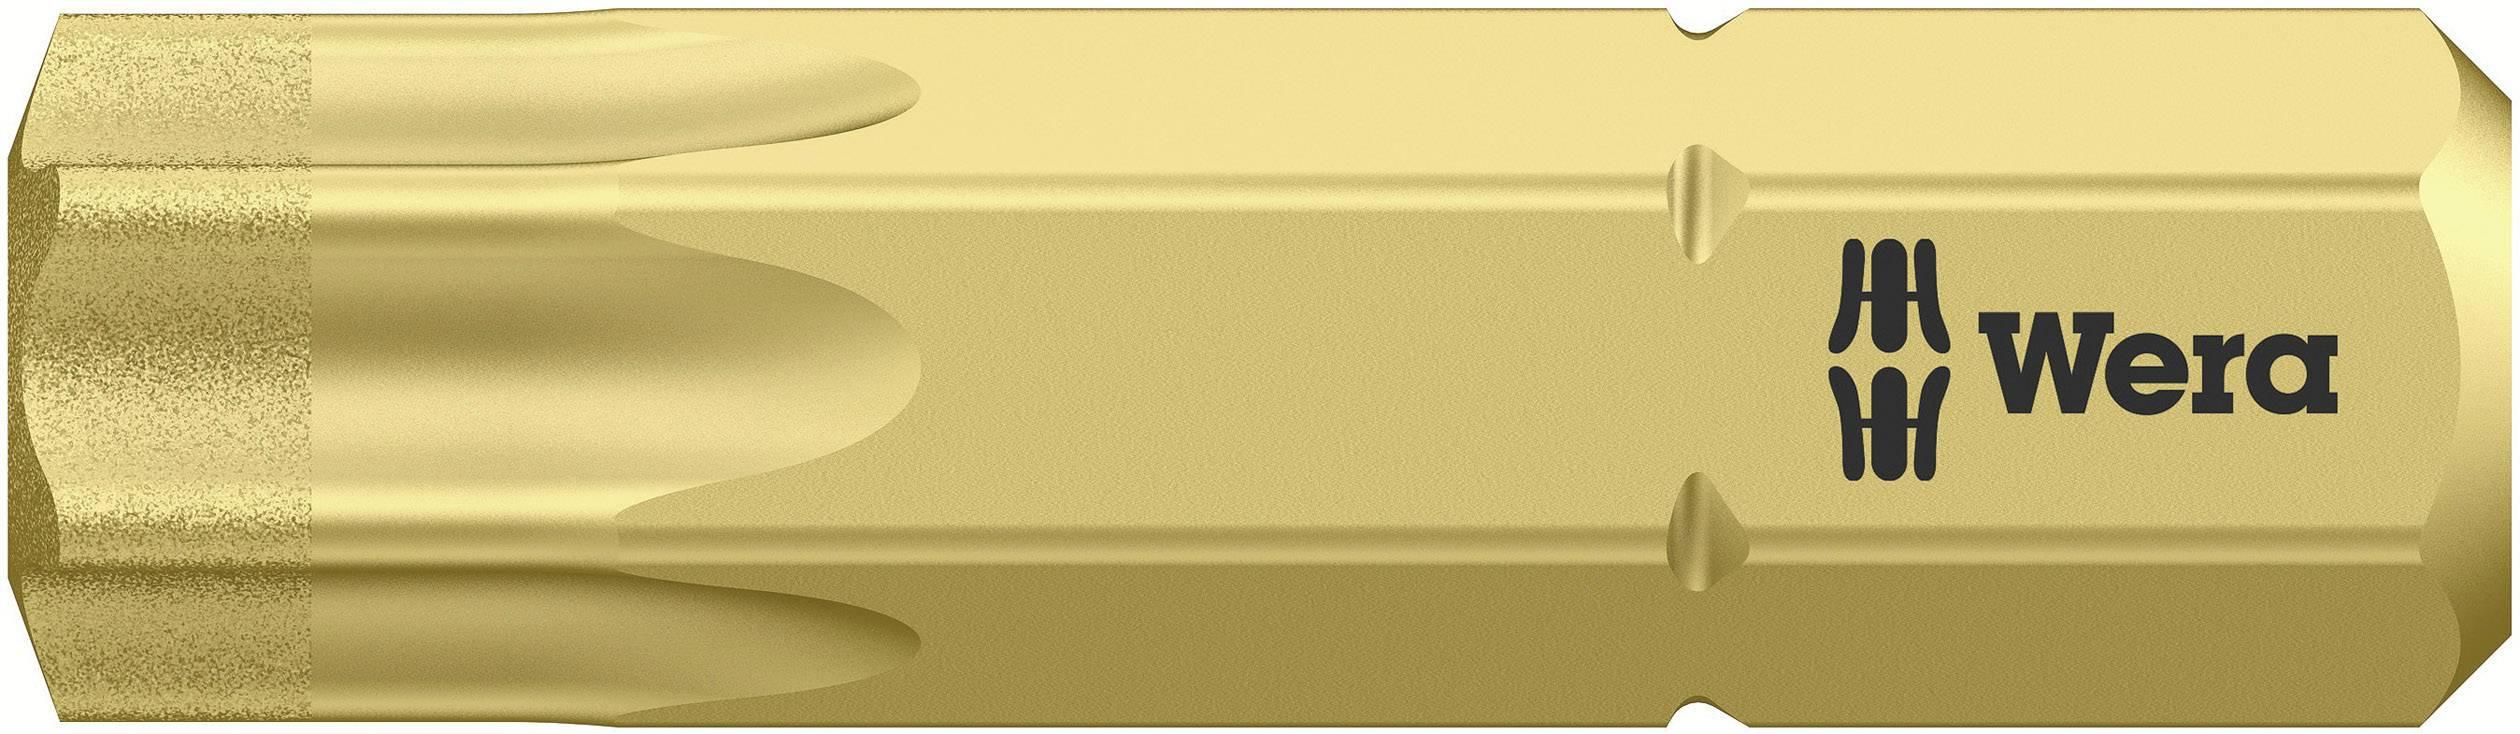 Bit Torx Wera 867/1 BDC TX40X25 05 066110 001, 25 mm, nástrojová oceľ, legované, diamantová vrstva, 1 ks